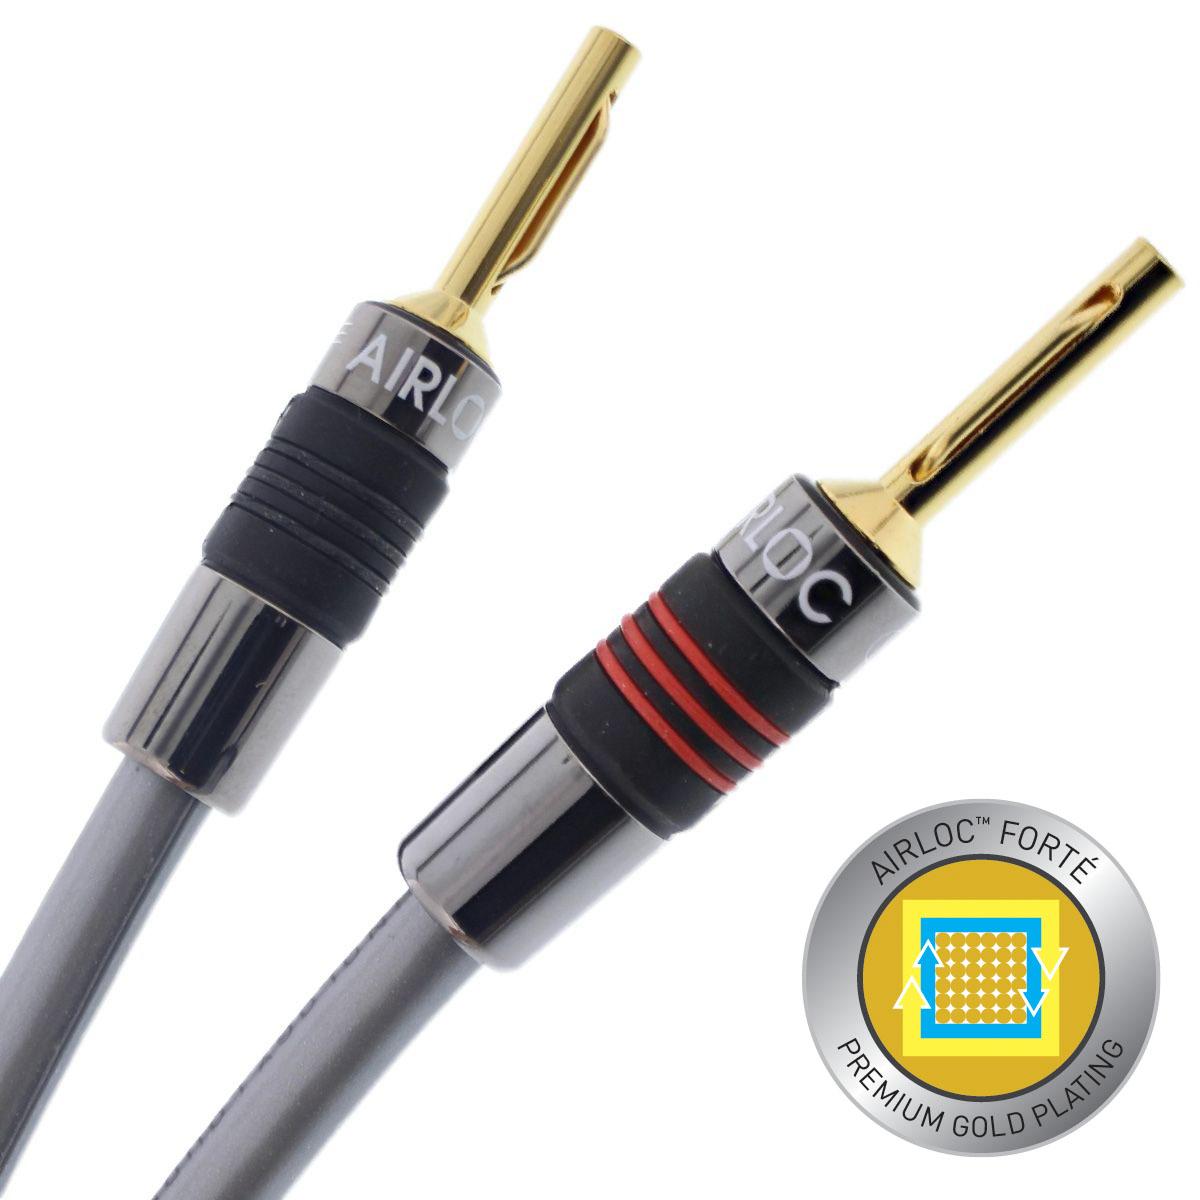 De QED XT40i Airloc is de upgrade van de QED XT40i luidsprekerkabel. De ideale aanvulling voor uw apparatuur